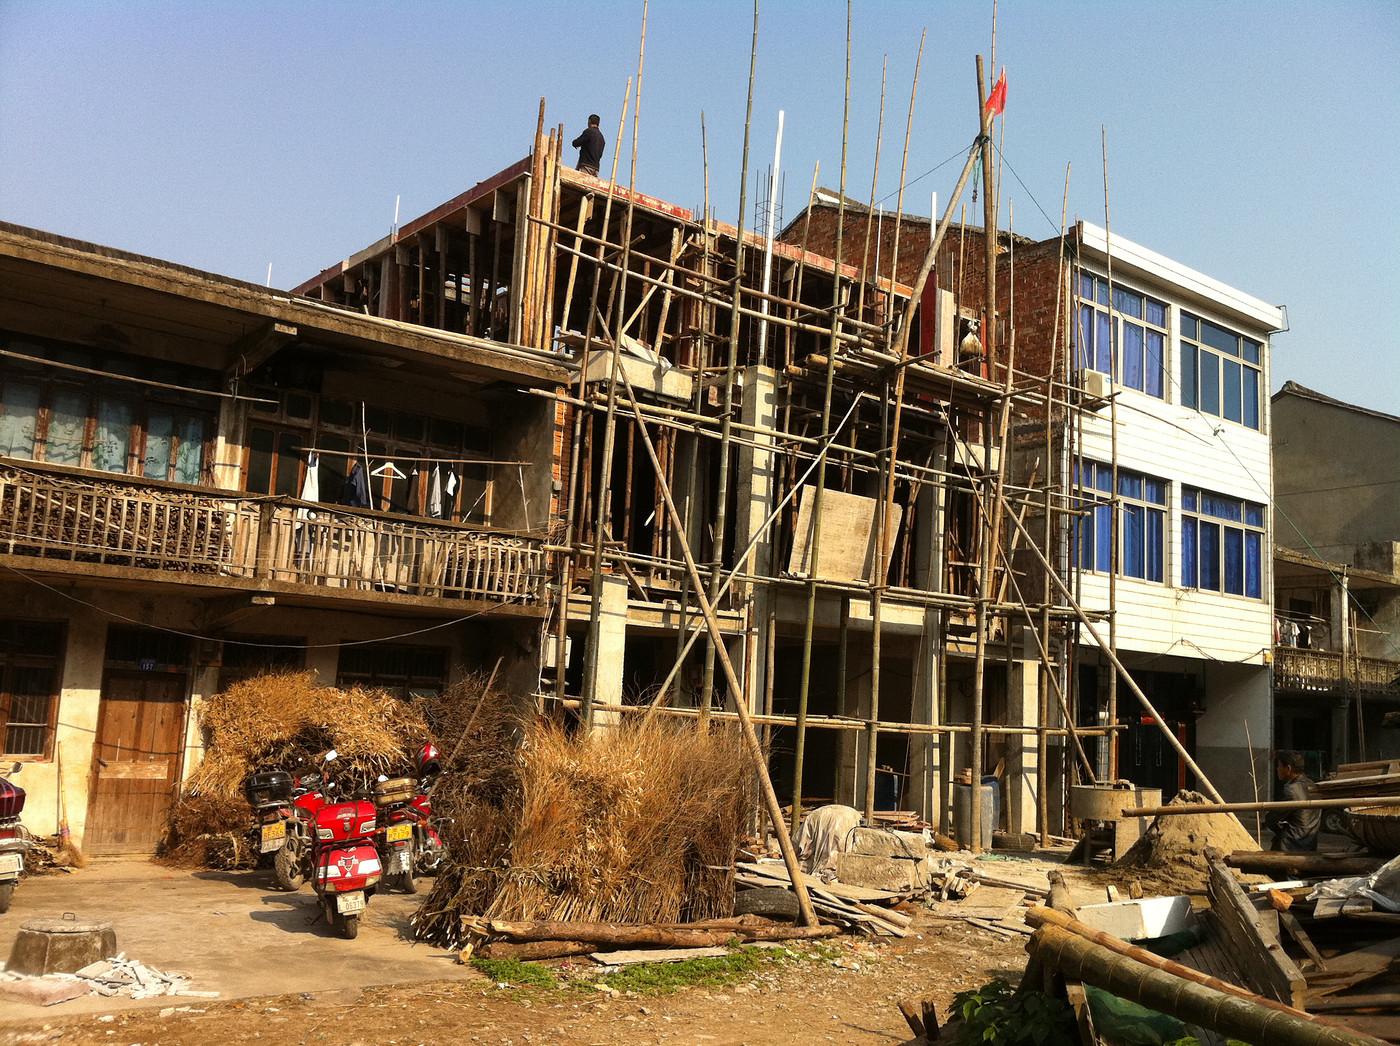 關于拆除違章建筑的_拆除違章建筑的程序_違法建筑拆除程序